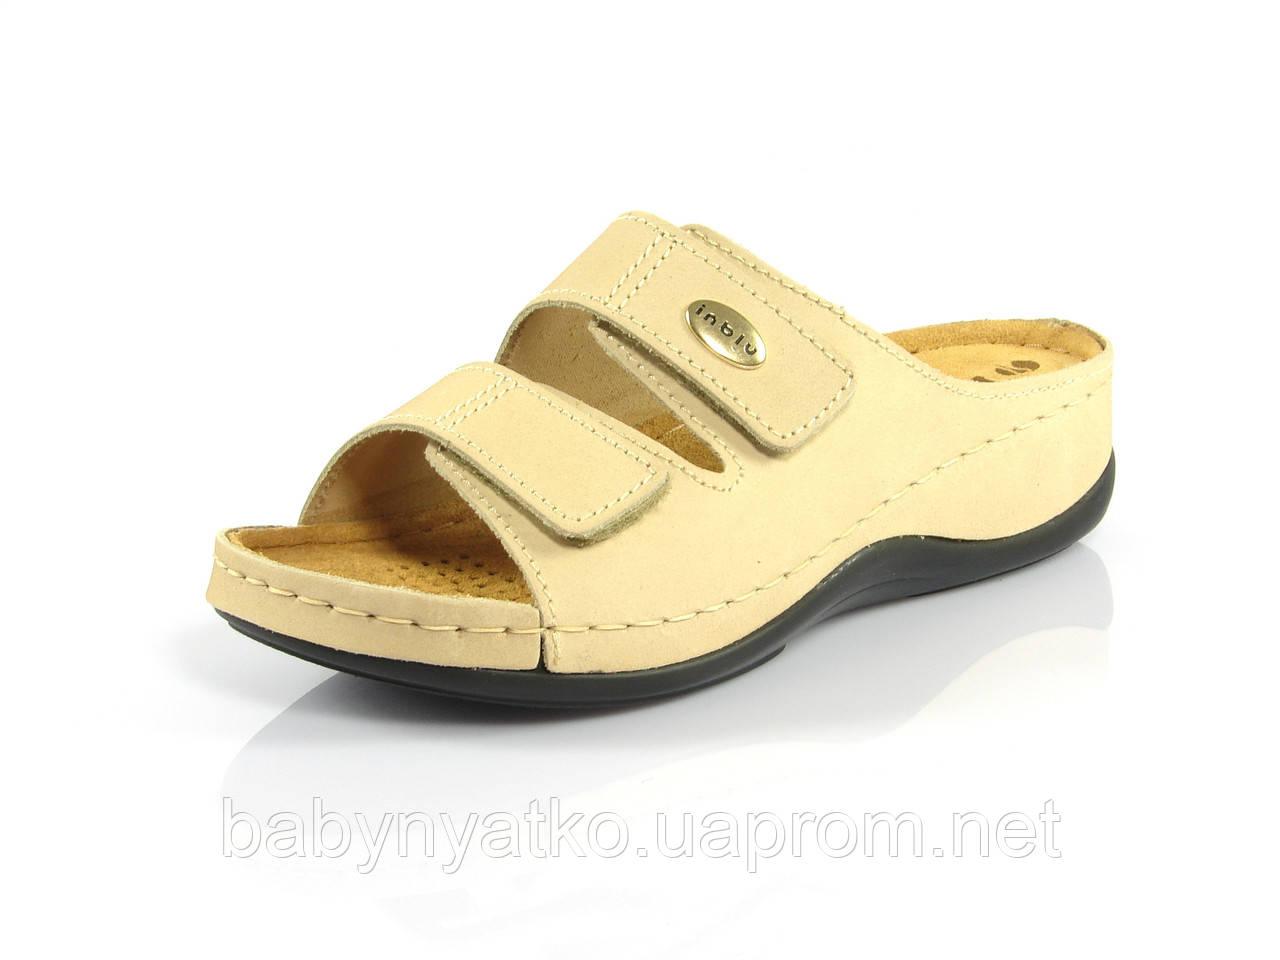 Ортопедическая женская обувь Inblu шлепанцы кожаные прошитые р.37(23см)  песочные fdb4038c2e80b